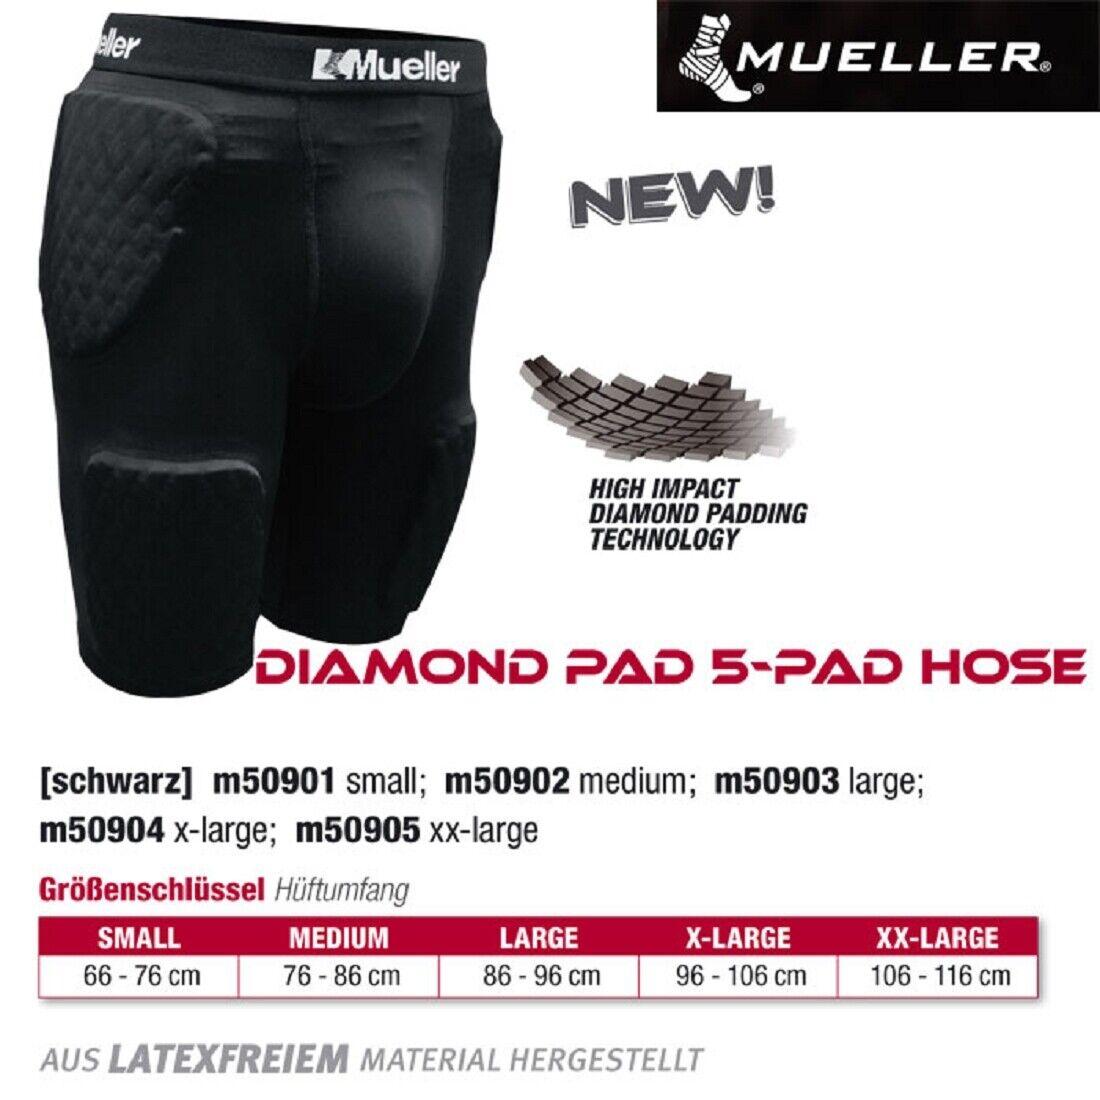 MUELLER Diamond Pad 5-Pad Hose 1 Stck L